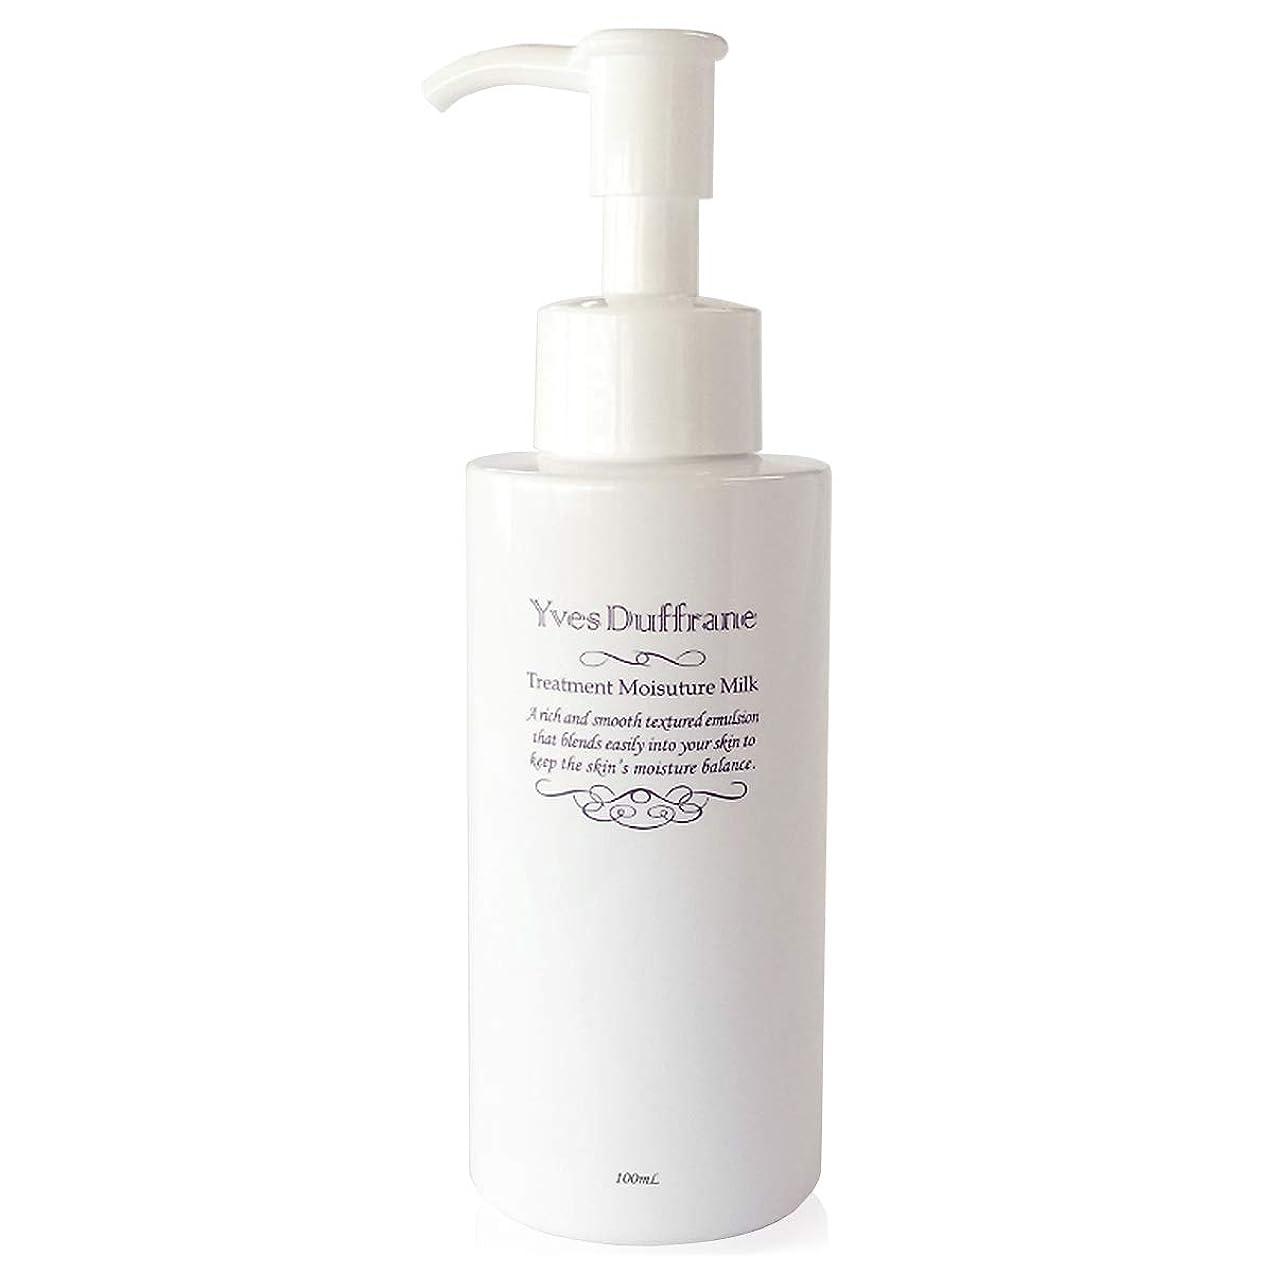 アンビエント飛躍広告する乳液/セラミド アミノ酸 配合 [ 美容乳液 ] 増粘剤不使用 保湿 乾燥?敏感肌対応